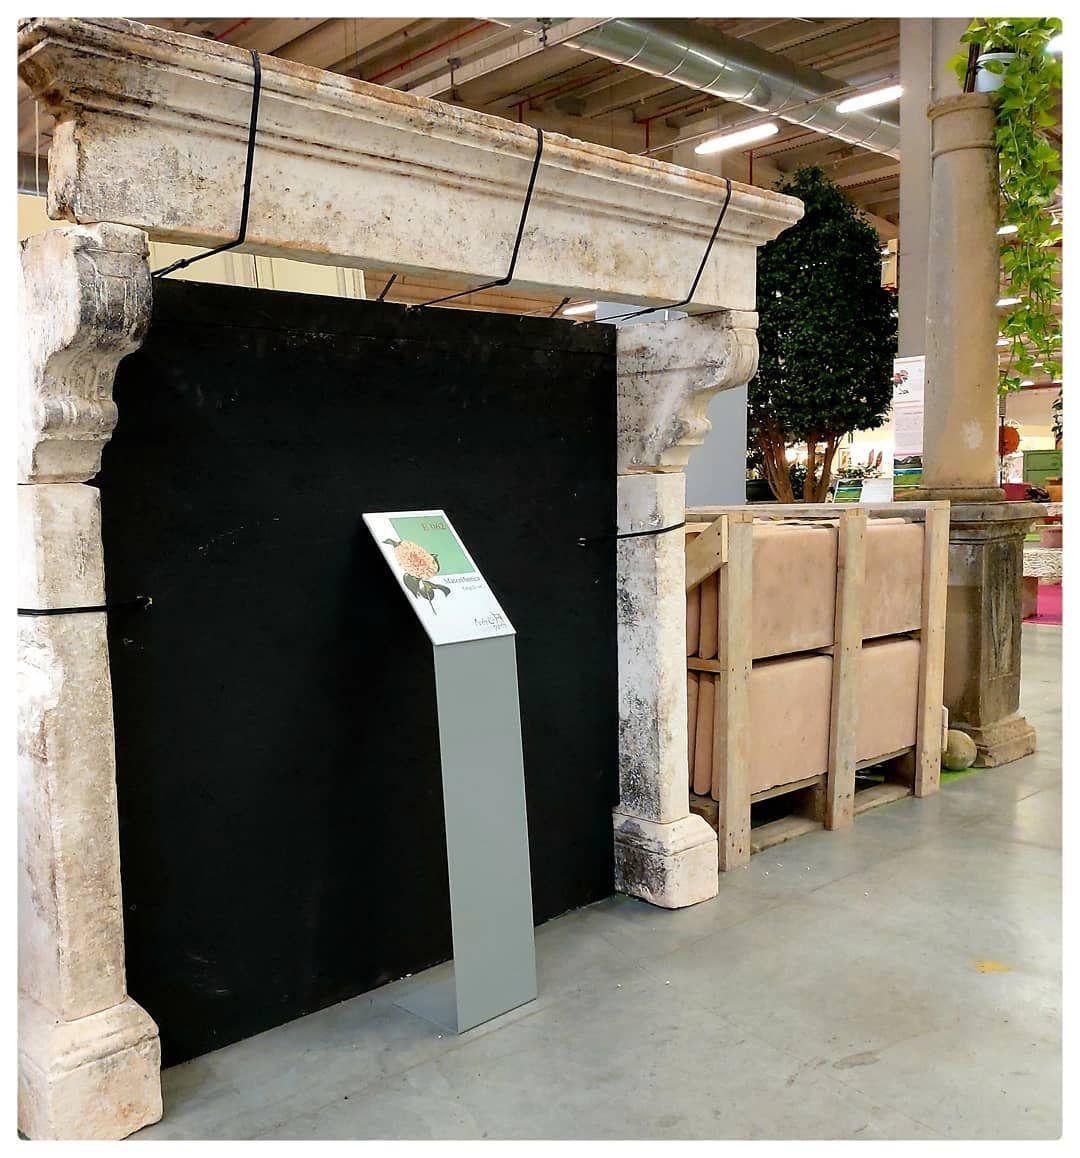 Dettagli Camino Di Meta 800 In Pietra Della Majella Scale Di Recupero In Pietra Del Furlo Colonna In Pietra Arenaria P Outdoor Decor Decor Home Decor